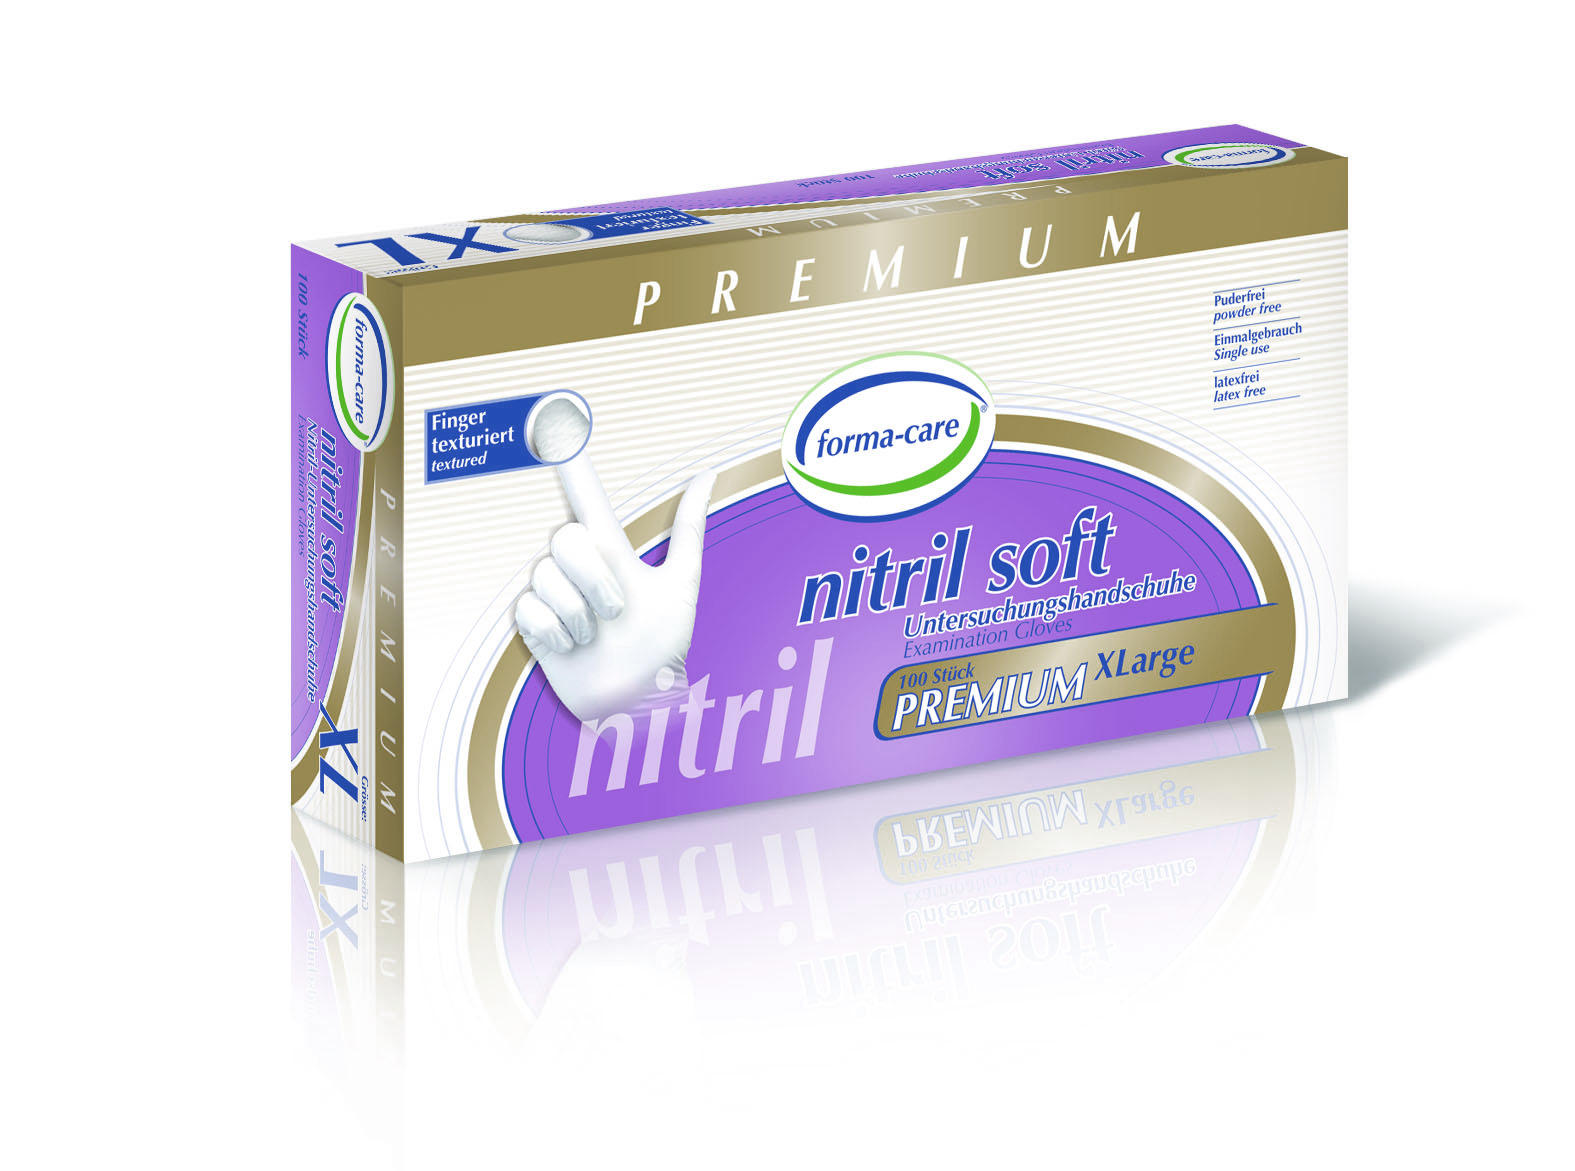 forma-care Handschuh Nitril Premium soft XL, 10 x 100 Stück, puderfrei, weiß, Gr. XL